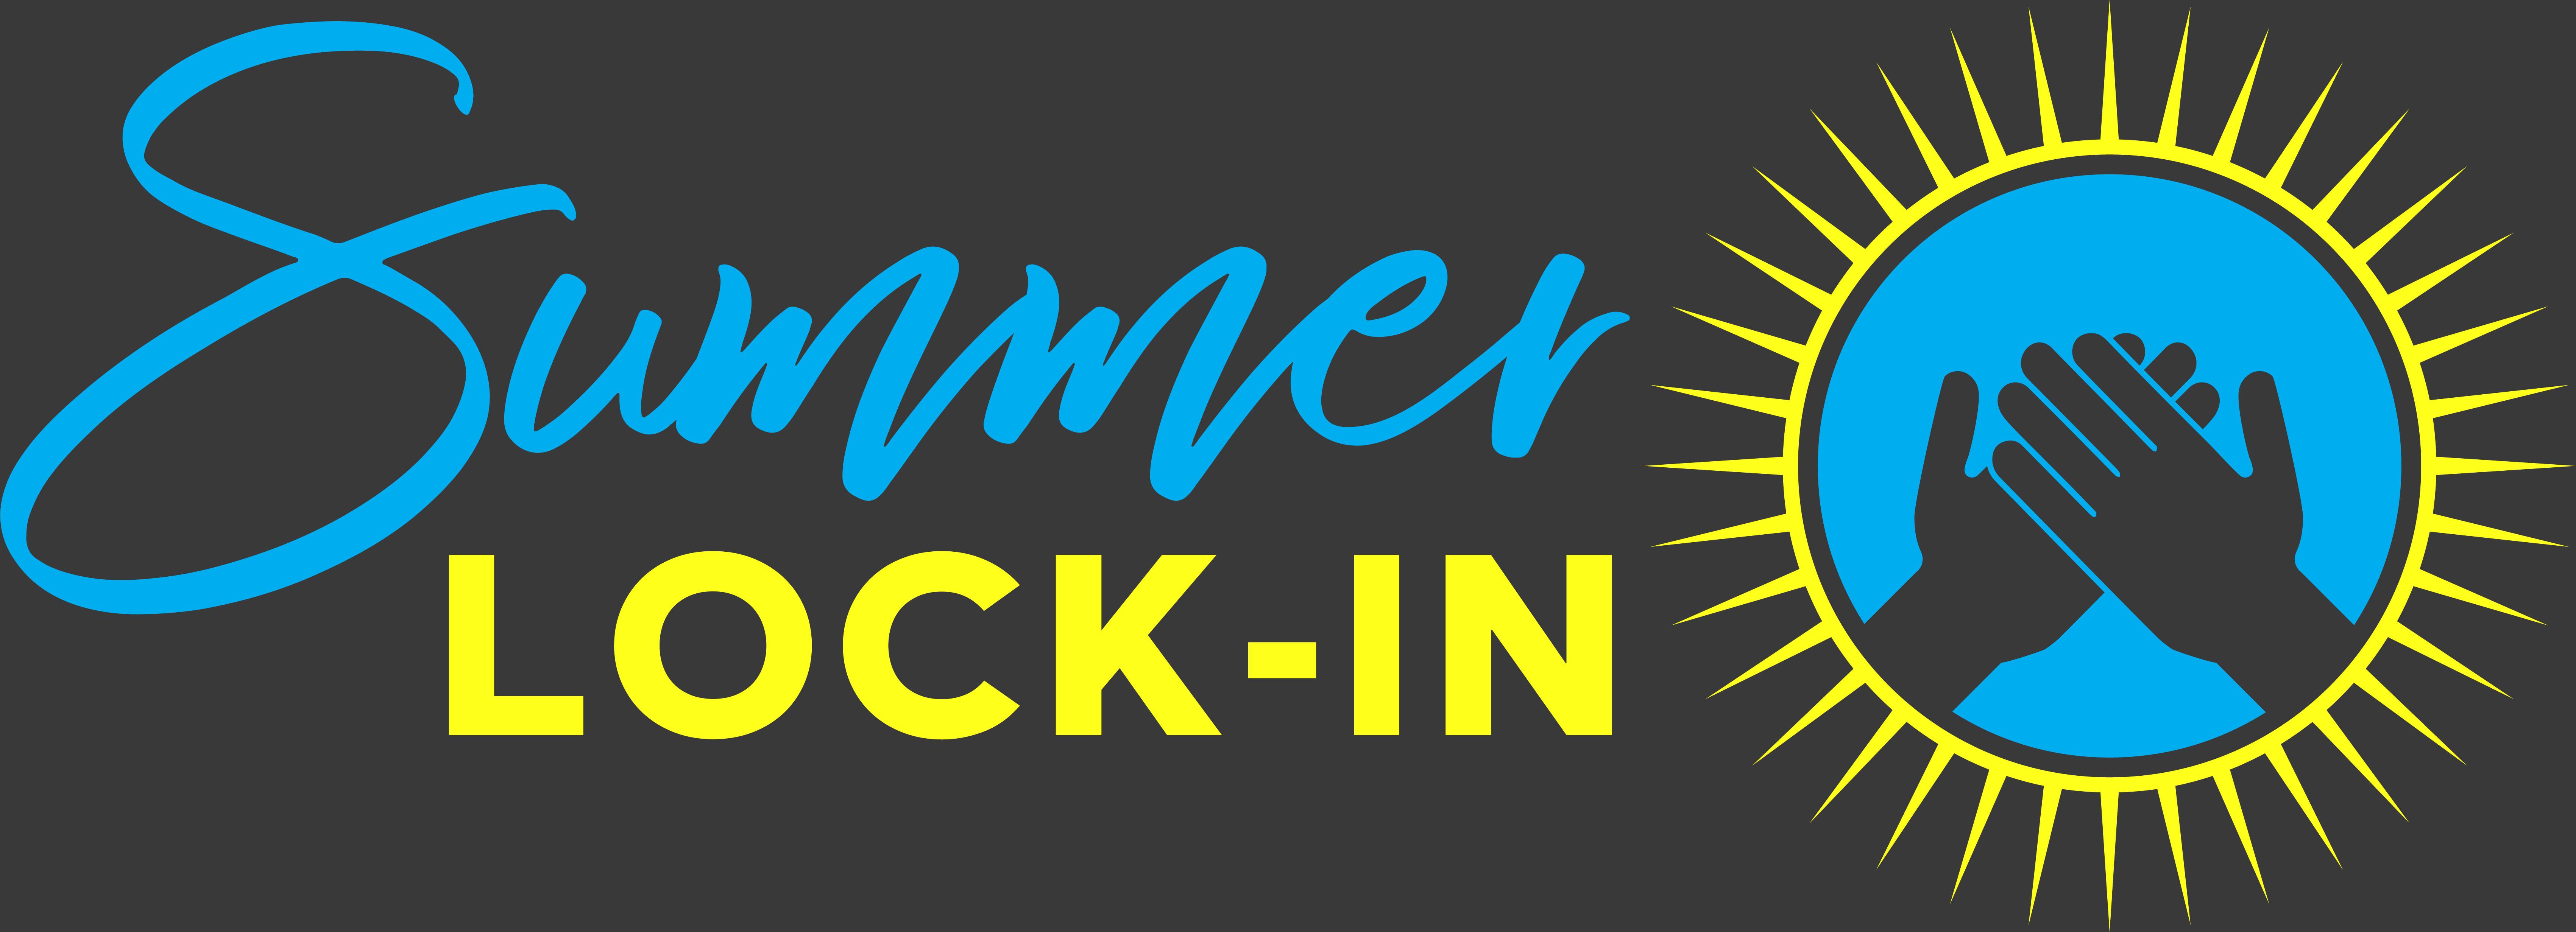 Summer Lock-in logo